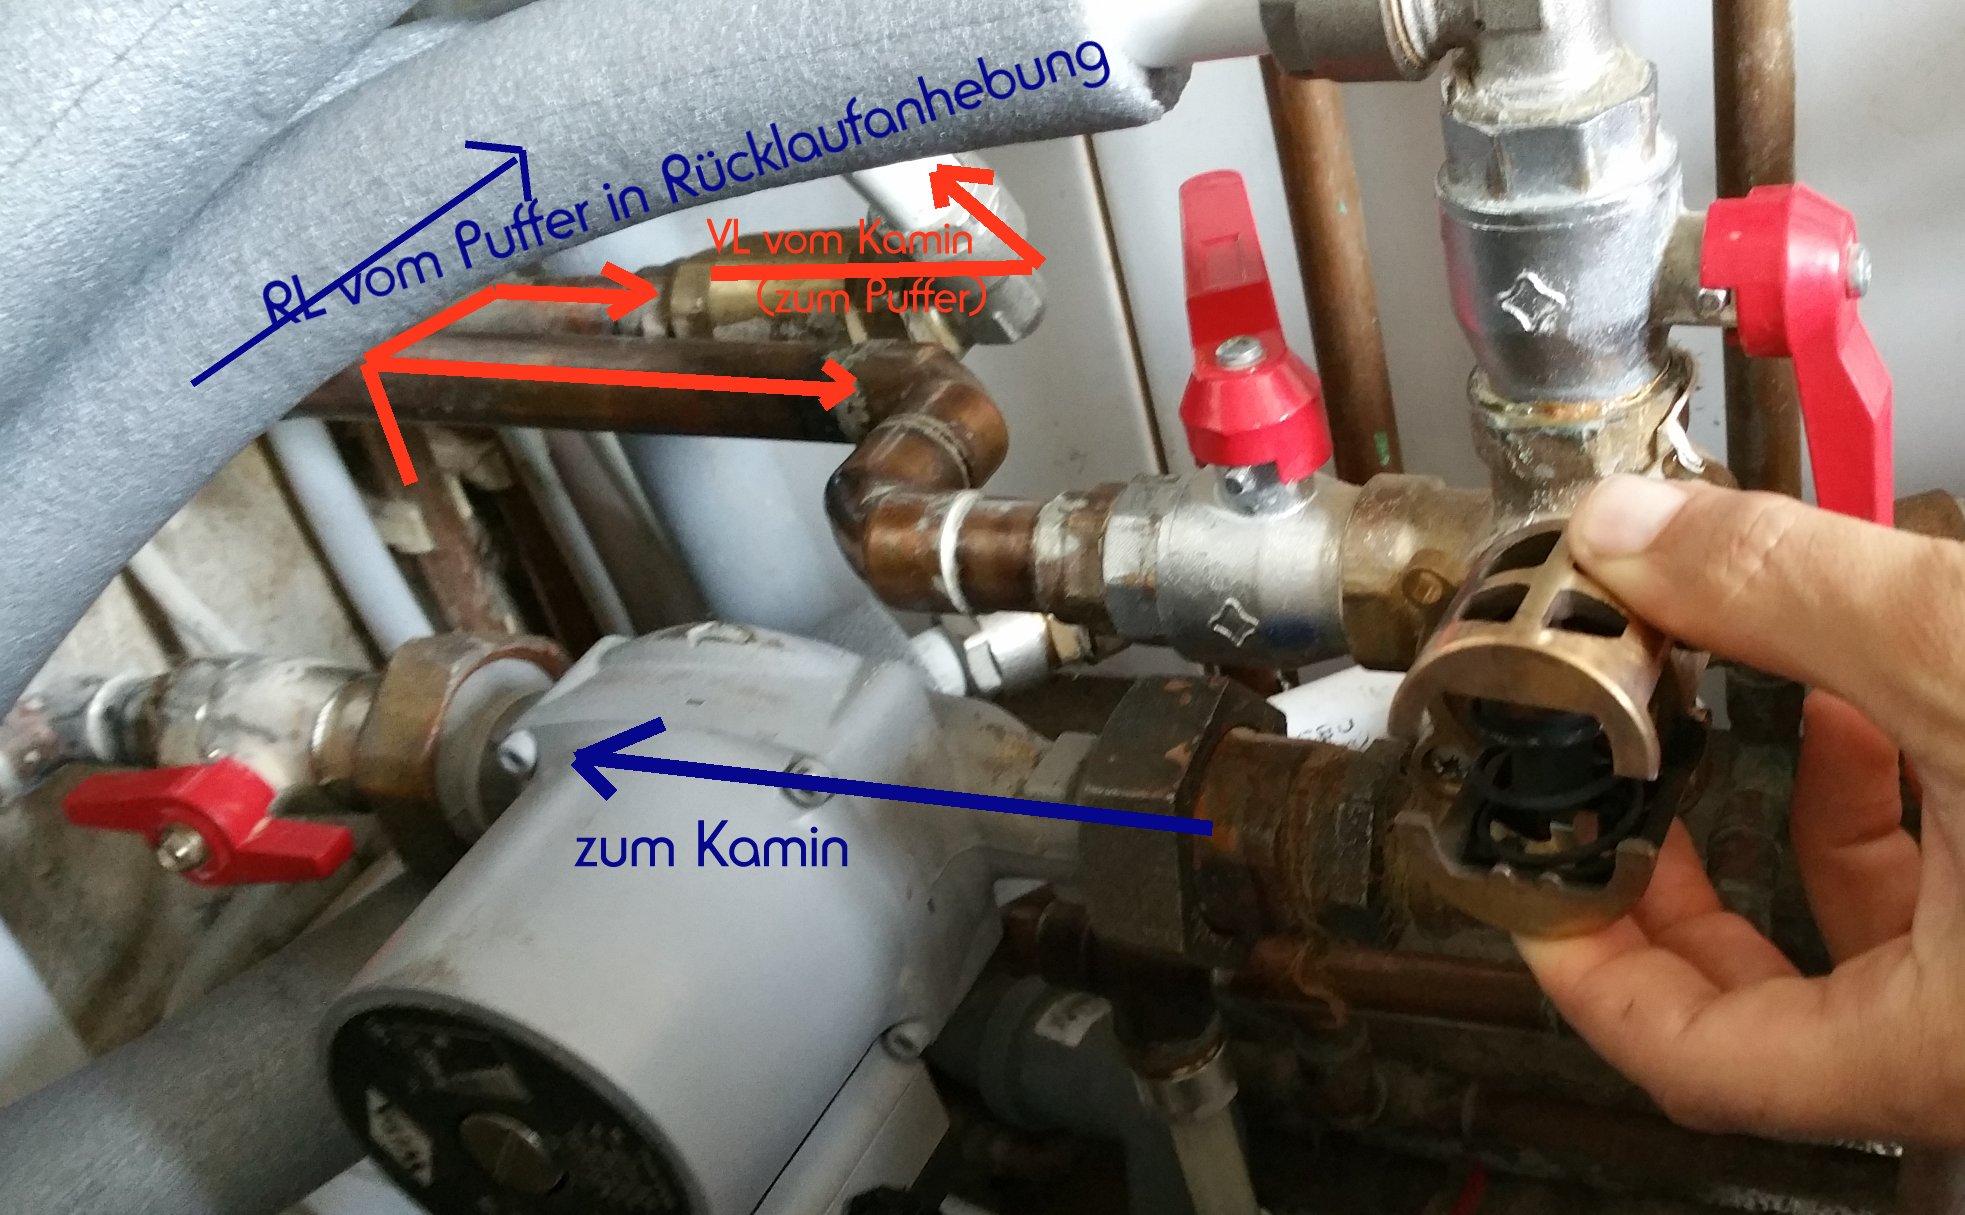 Kaminofen Mbs : Temperatur wasserf?hrender kamin zu hoch mbs thermo vaillant therme trotz pufferspeicher